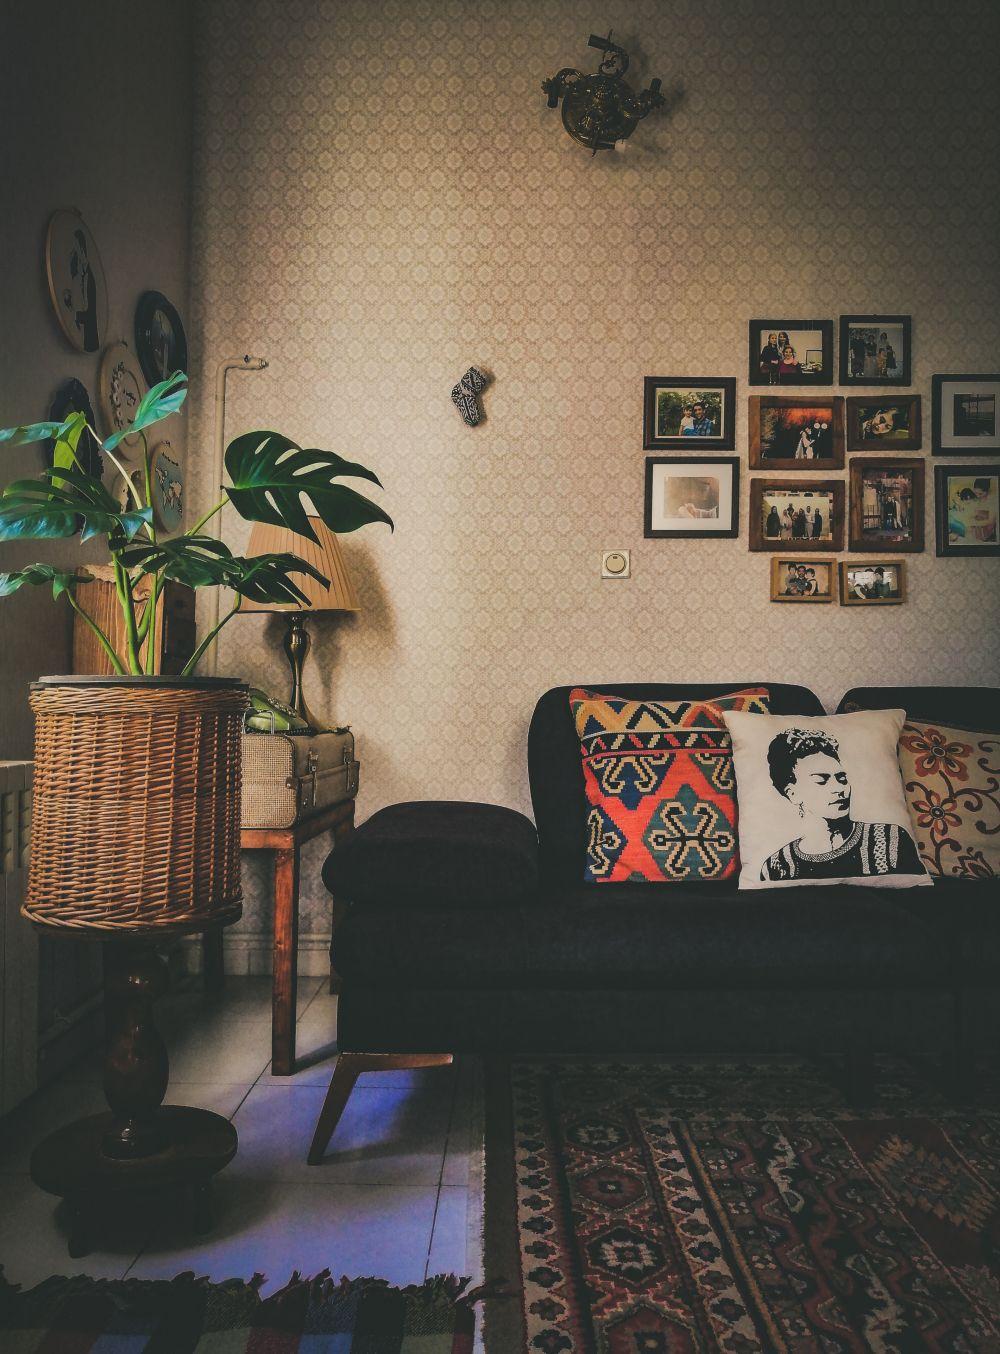 этно стиль в квартире, оформление в этно стиле, этно интерьер